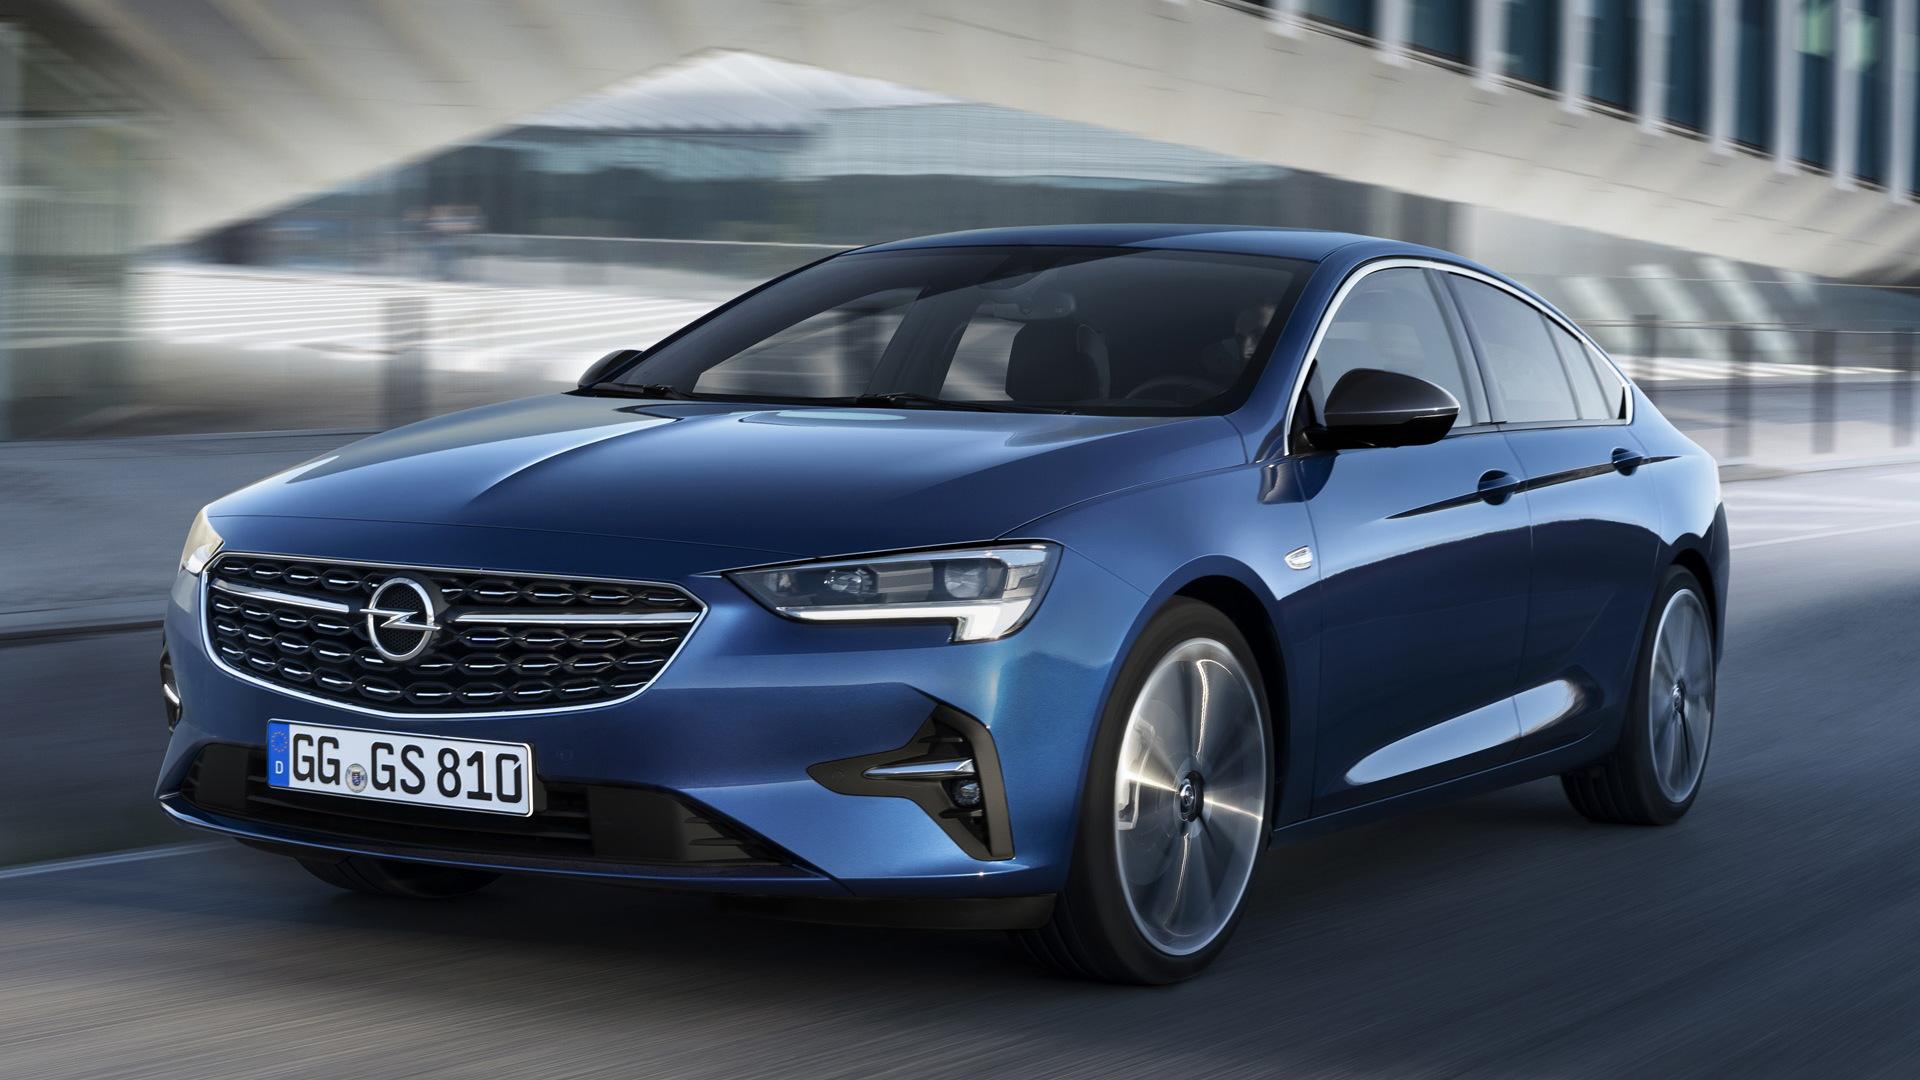 2020 Opel Insignia Grand Sport